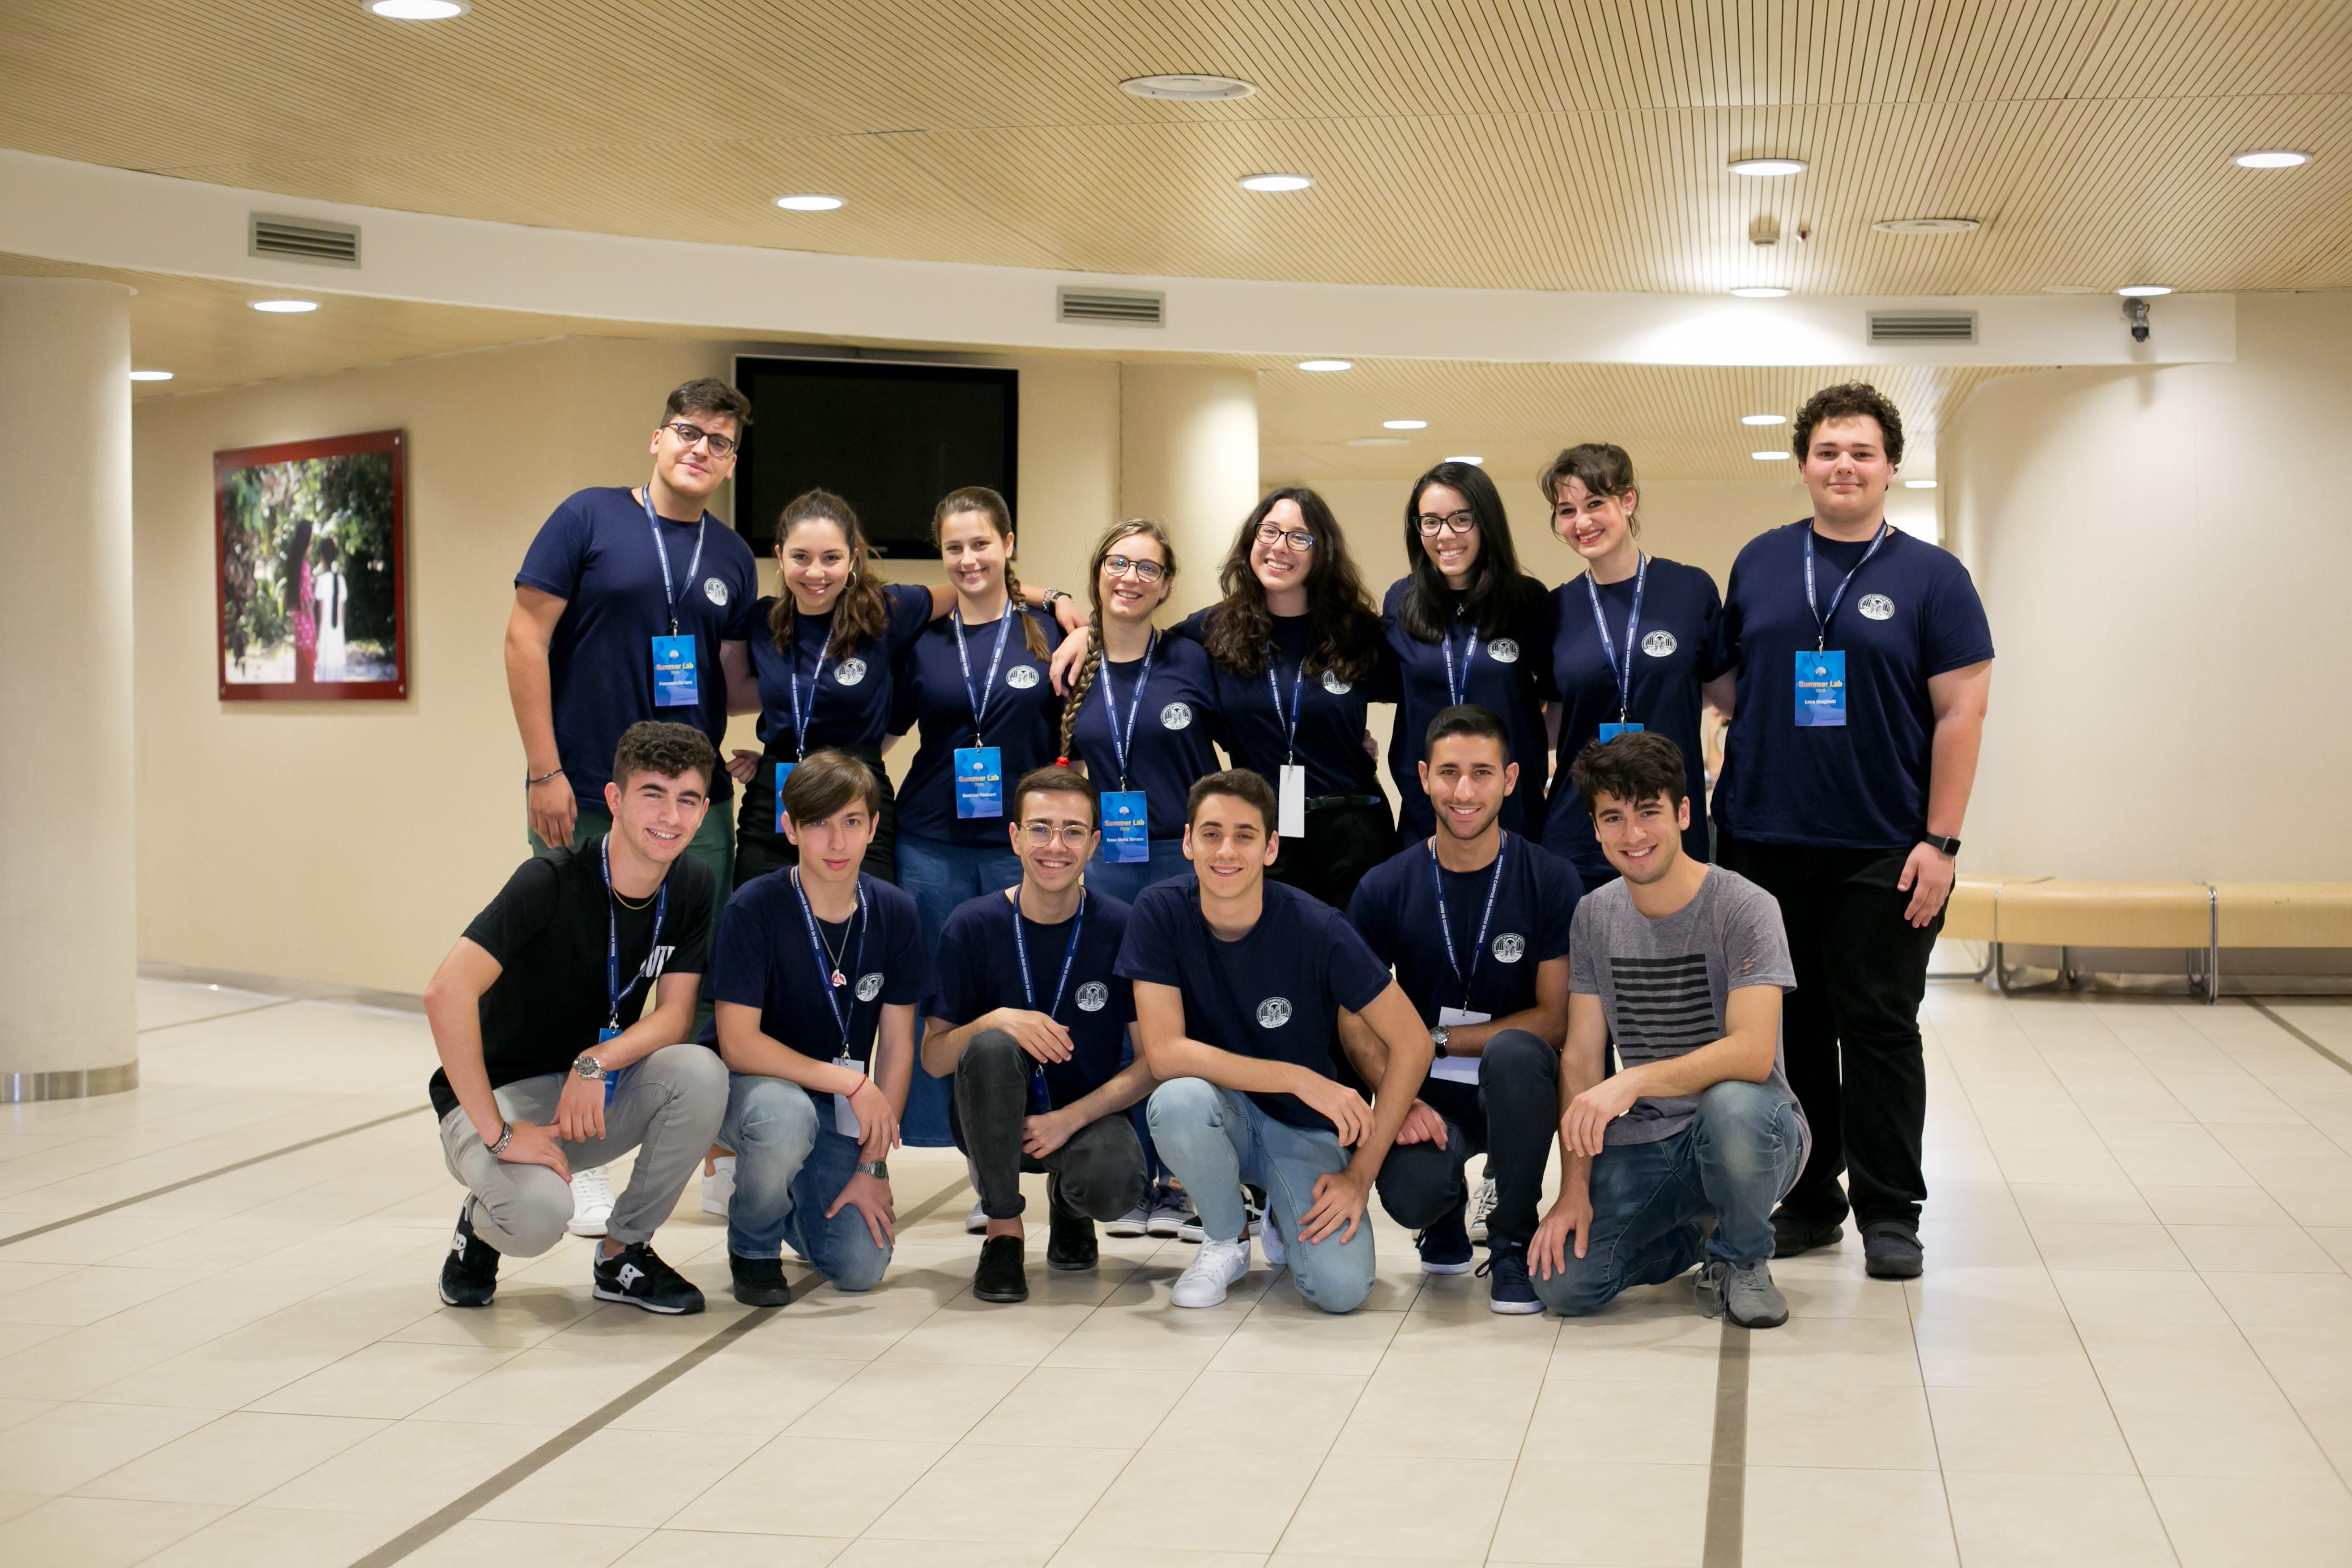 Sant'Agata | Idee innovative per diventare gli scienziati di domani